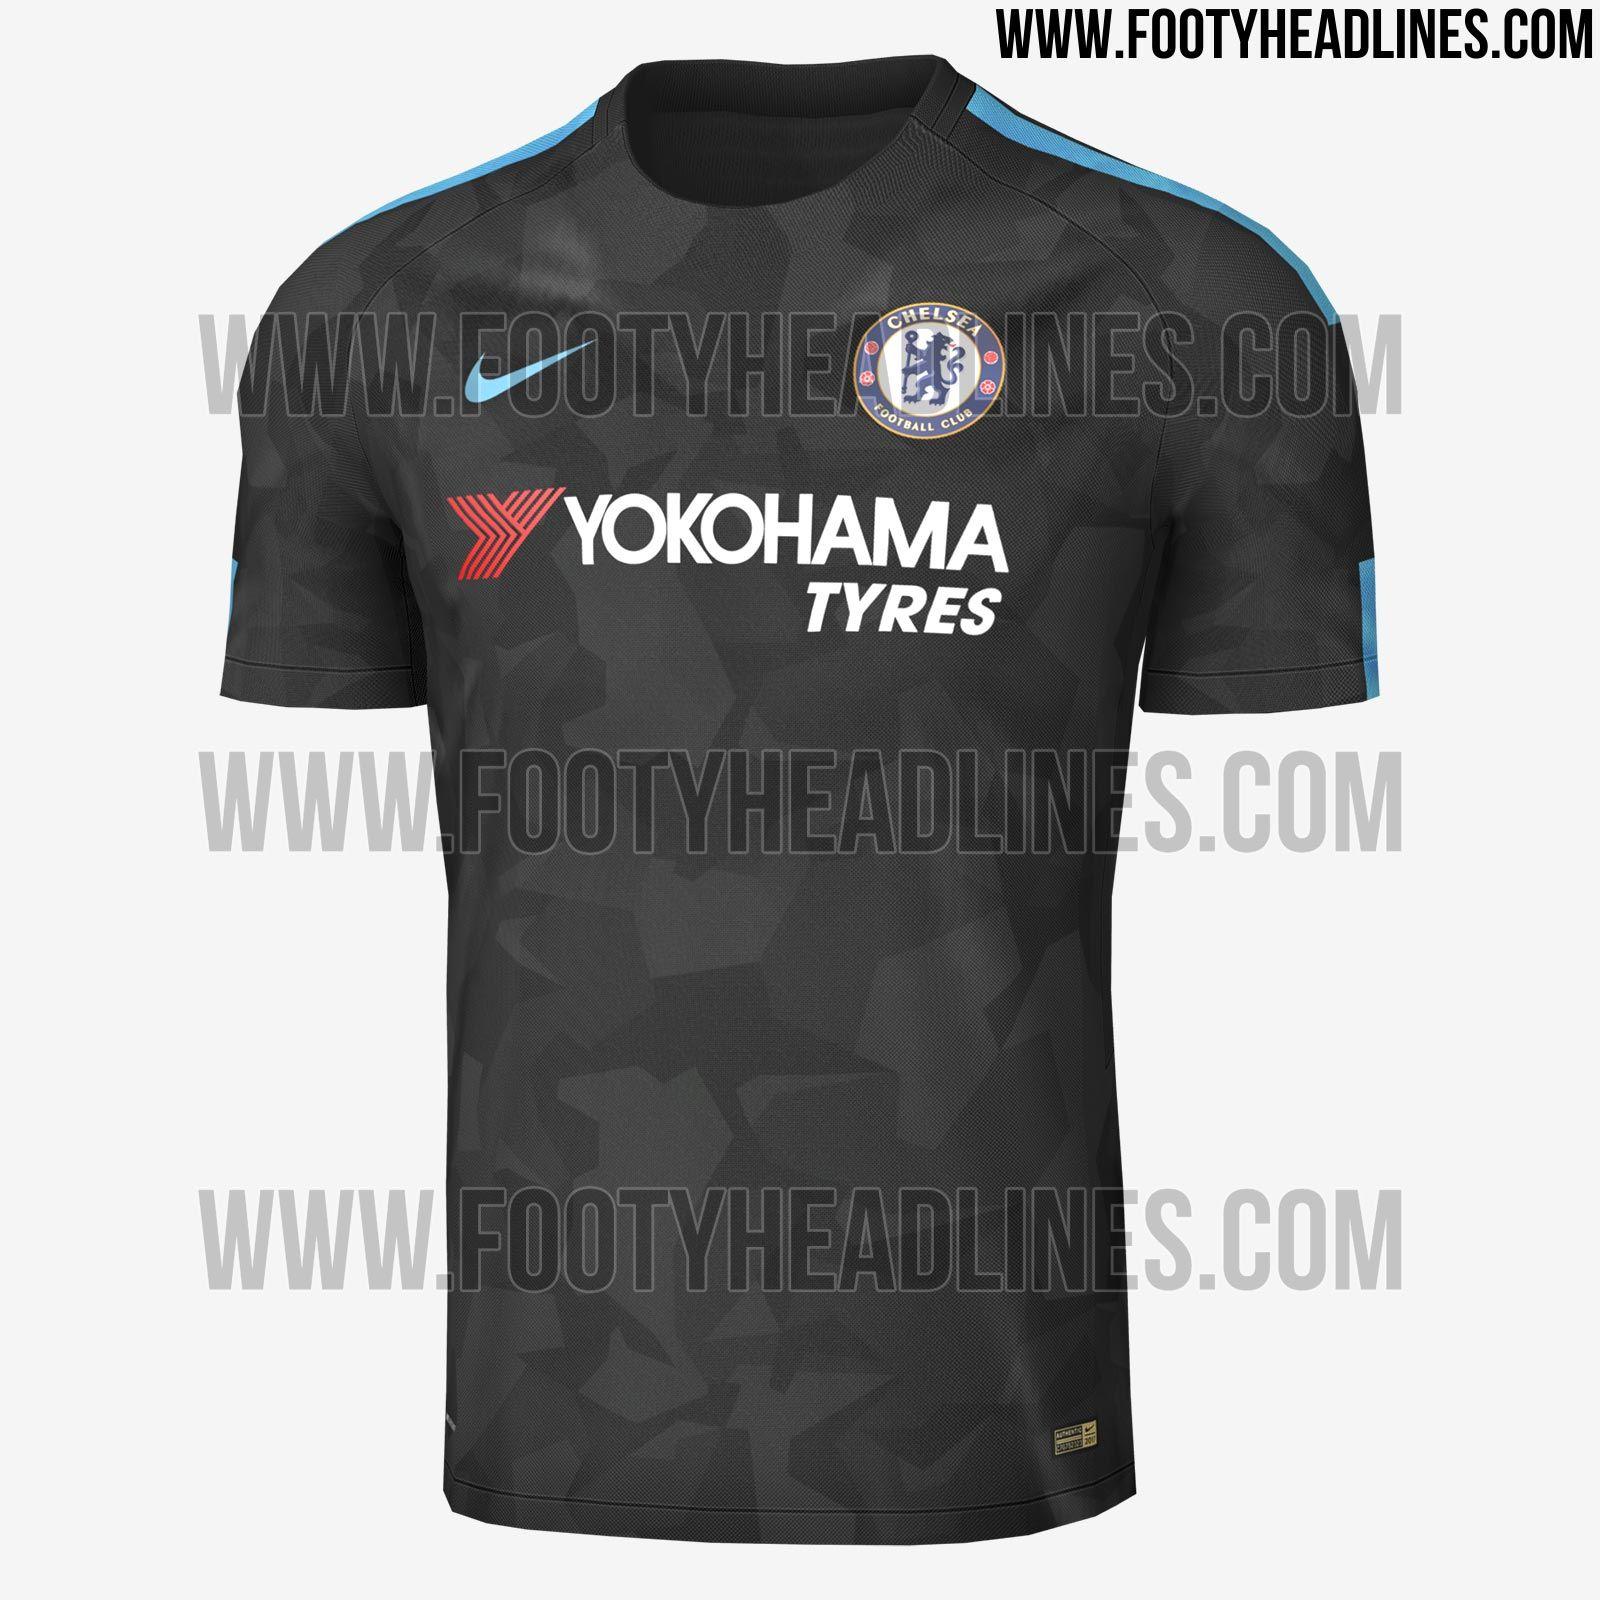 Exclusive: Nike Chelsea 17-18 Third Kit Leaked - Footy Headlines